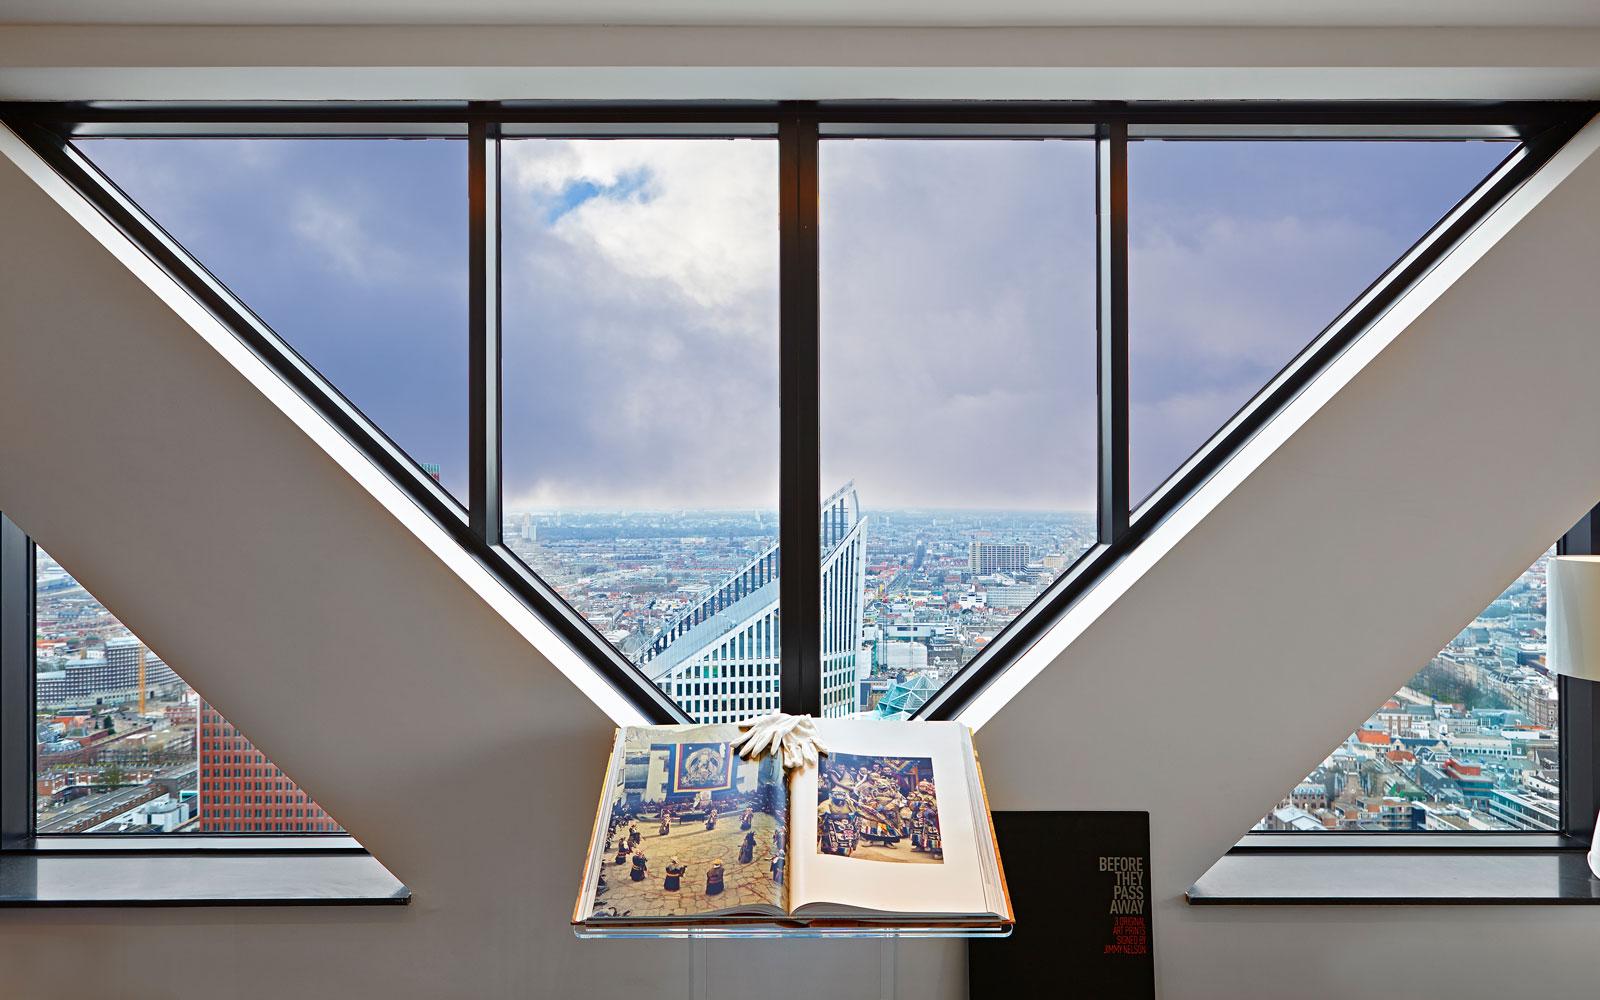 The Art of Living, Exclusief wonen, Penthouse Roelfien Vos Babylon Residences Uitzicht, uitzicht, luxe, design, interieur, ramen, stucwerk